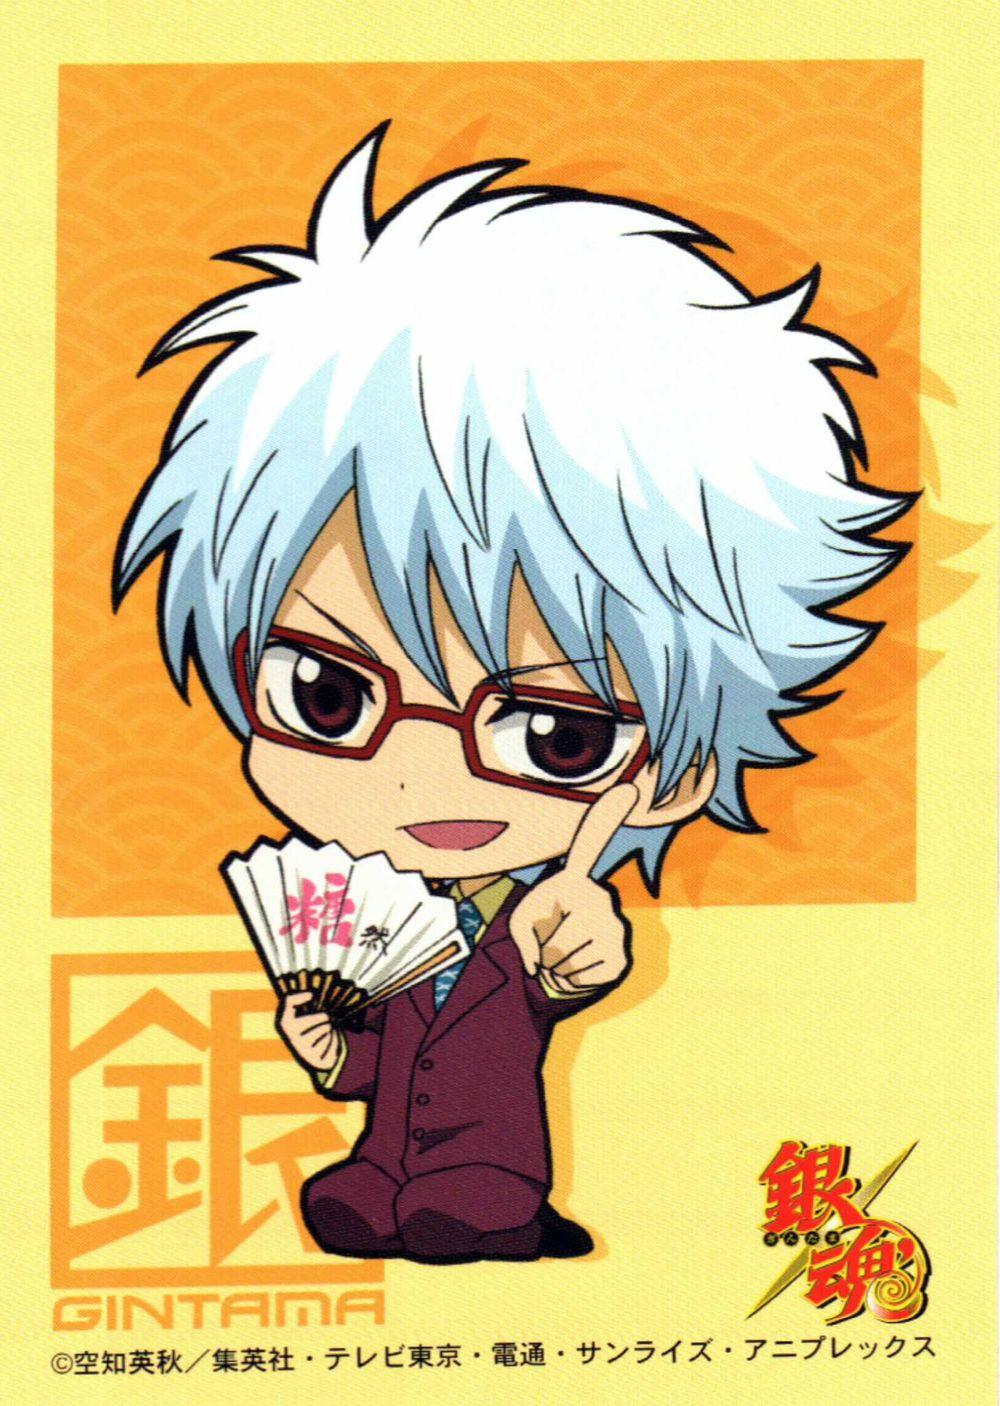 Gin Tama 銀魂 のカッコかわいい高画質壁紙画像まとめ Pc スマホ タブレット用 Naver まとめ Chibi Anime Chibi Anime